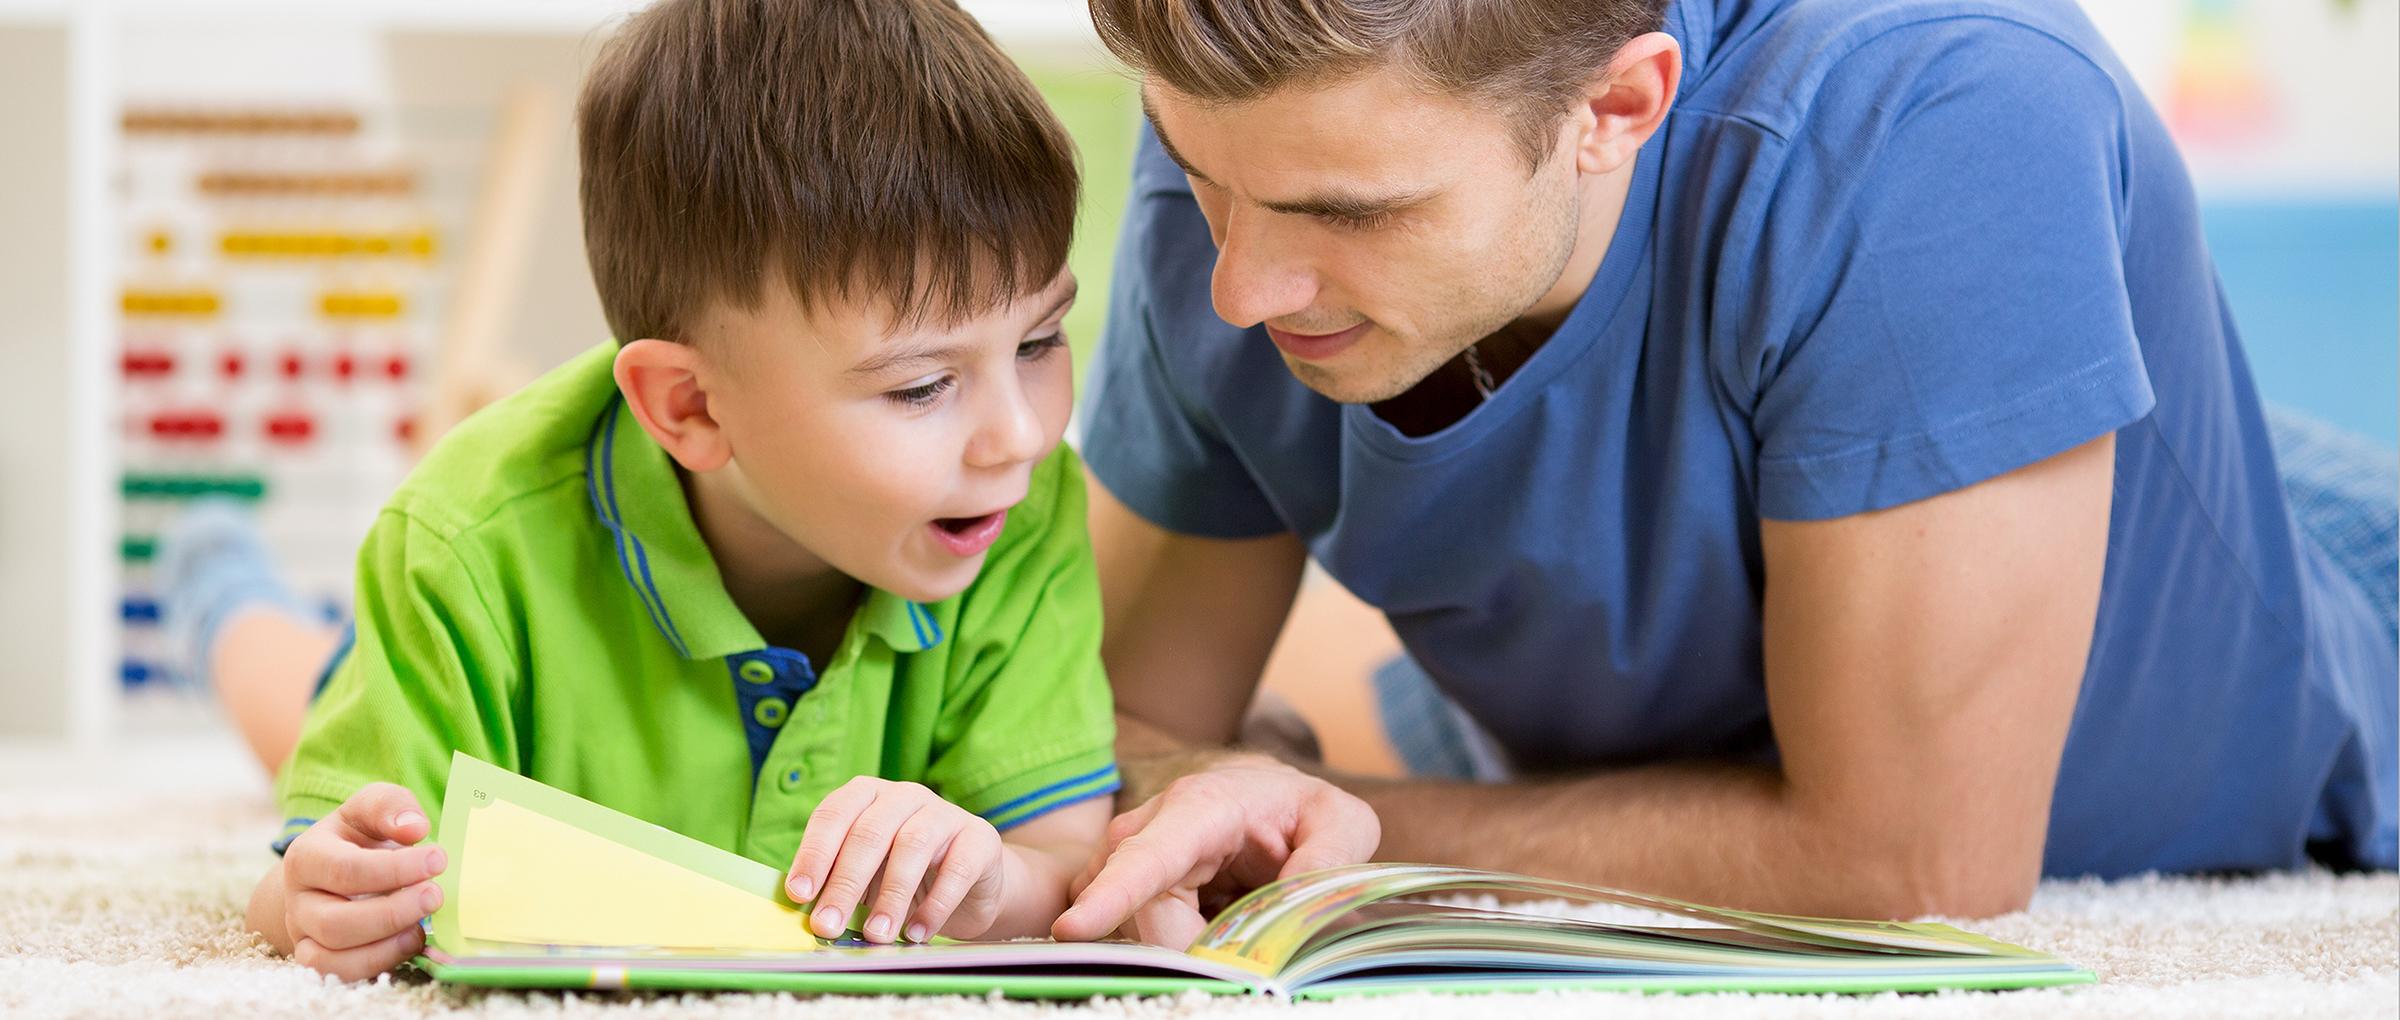 Cuentos infantiles para explicar la gestación subrogada